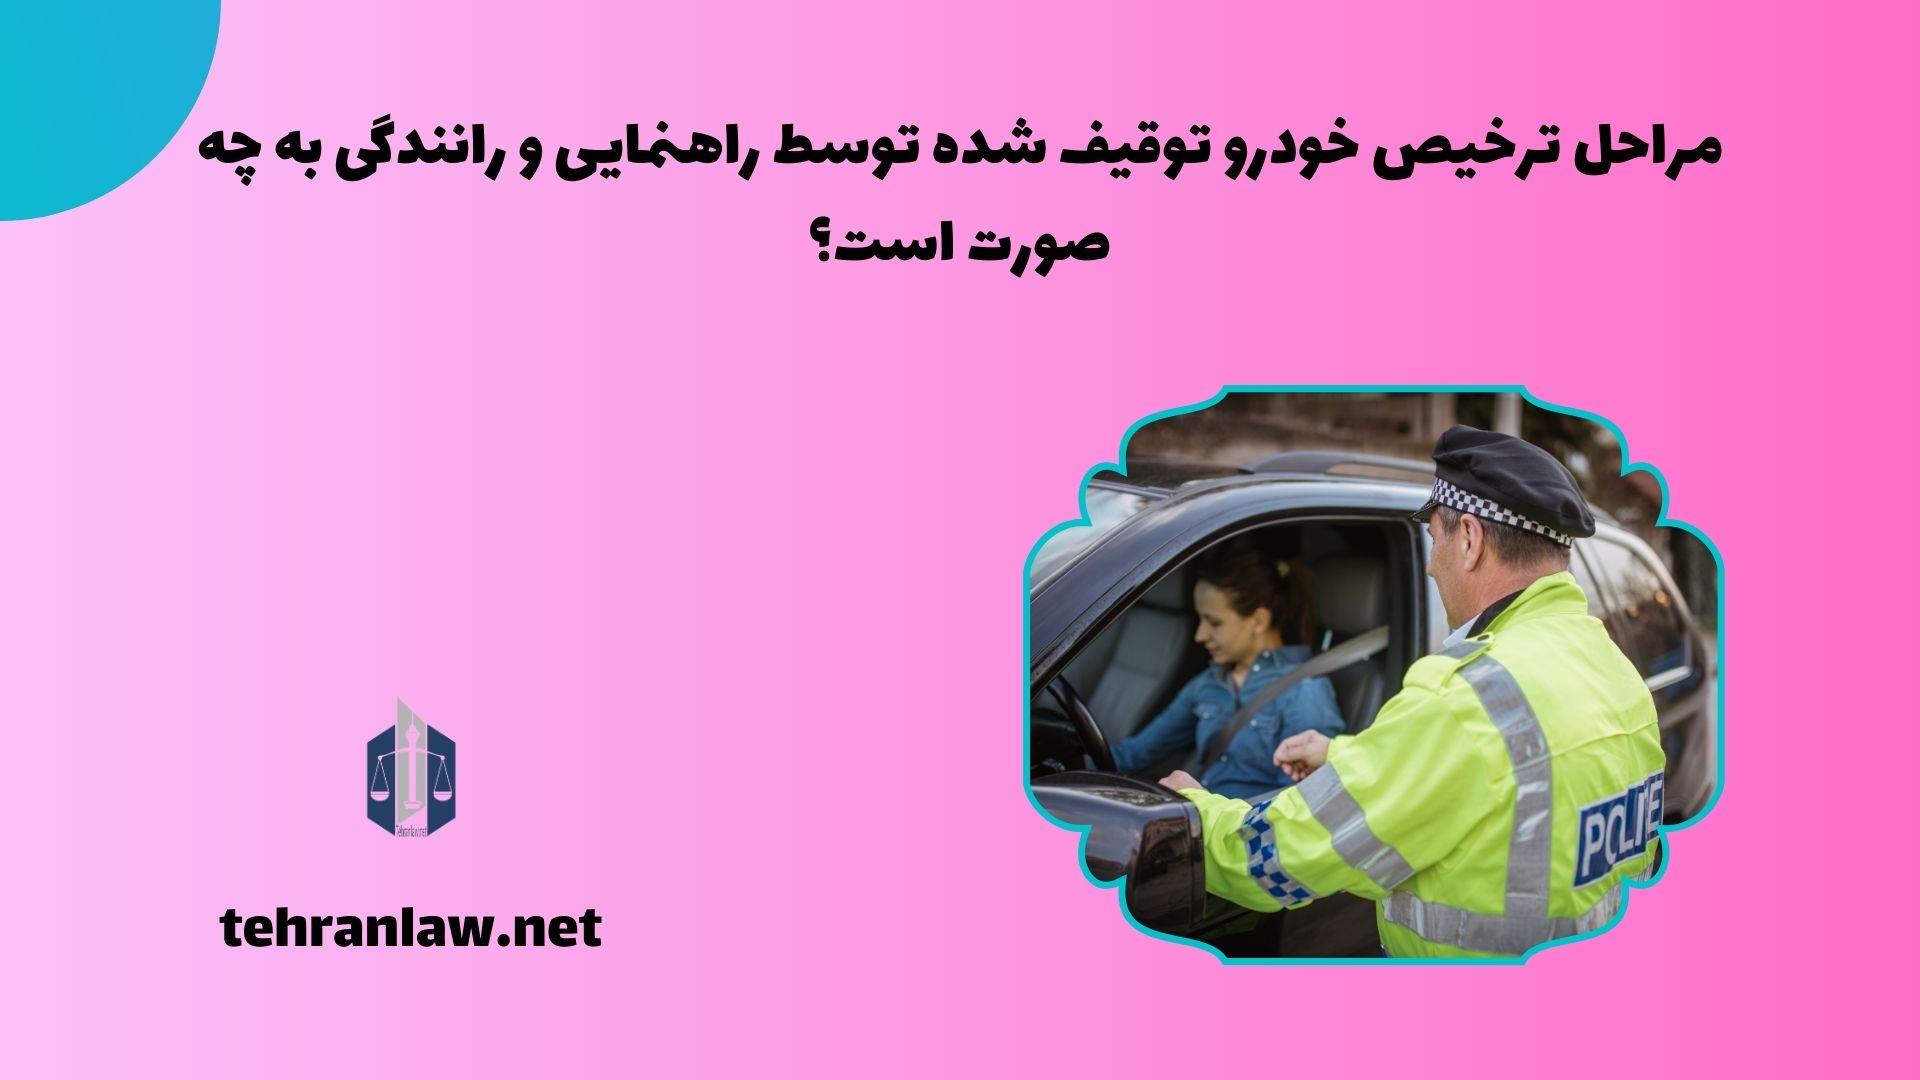 مراحل ترخیص خودرو توقیف شده توسط راهنمایی و رانندگی به چه صورت است؟